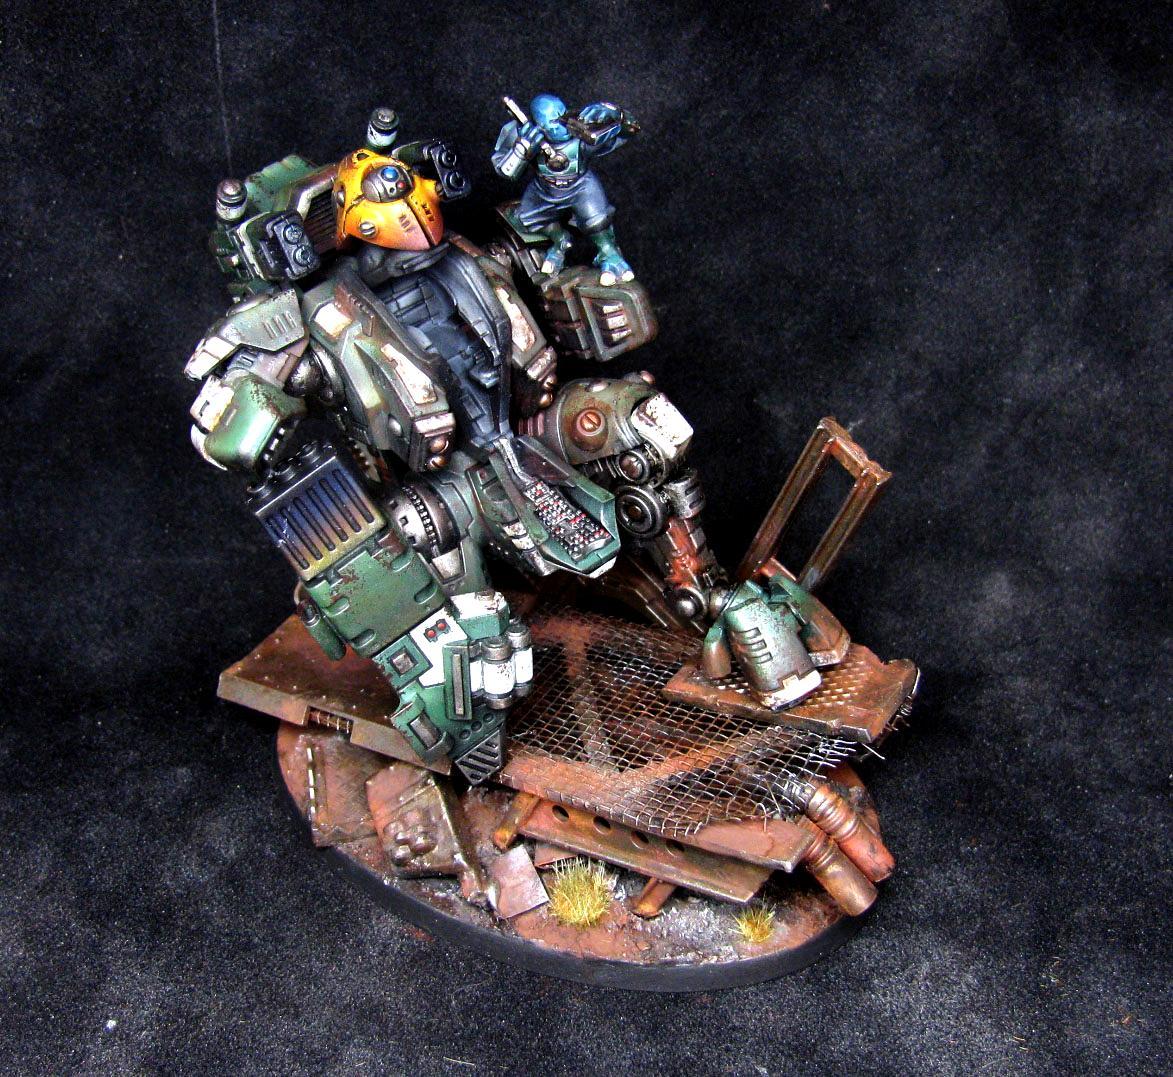 Mech, Robot, Suit, Tau, Warhammer 40,000